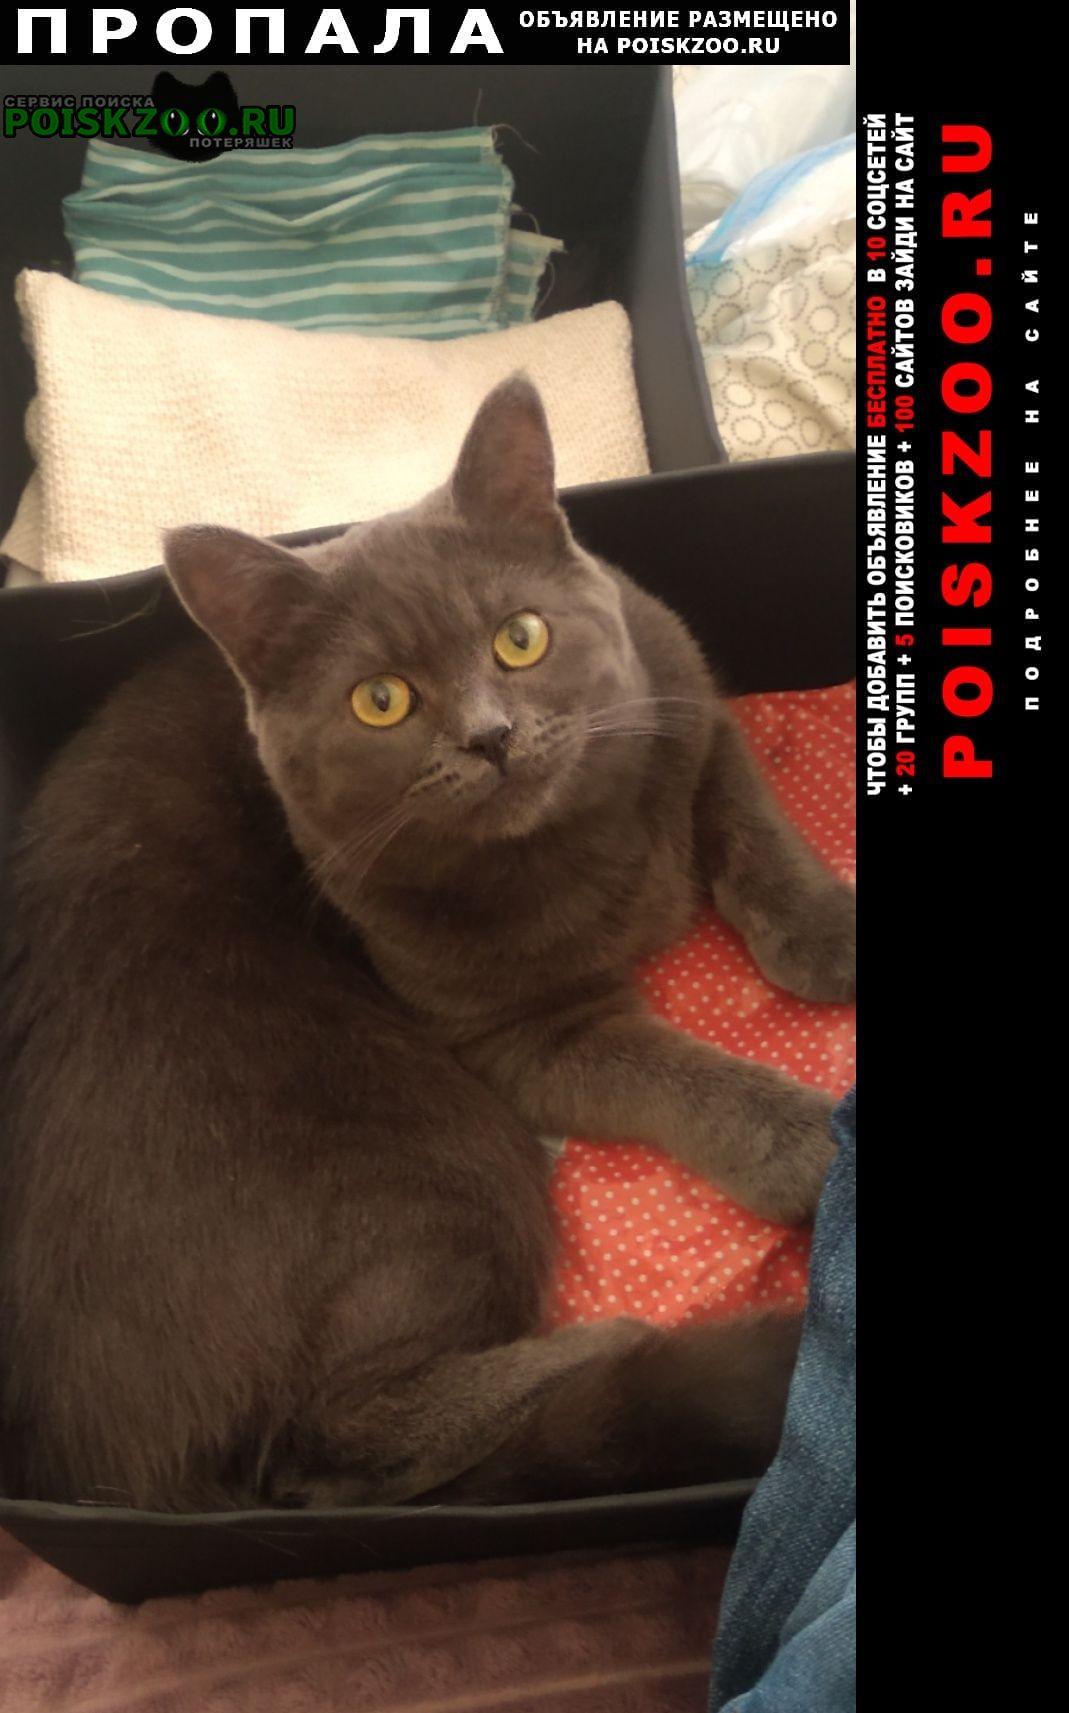 Пропала кошка помогите пожалуйста Ростов-на-Дону